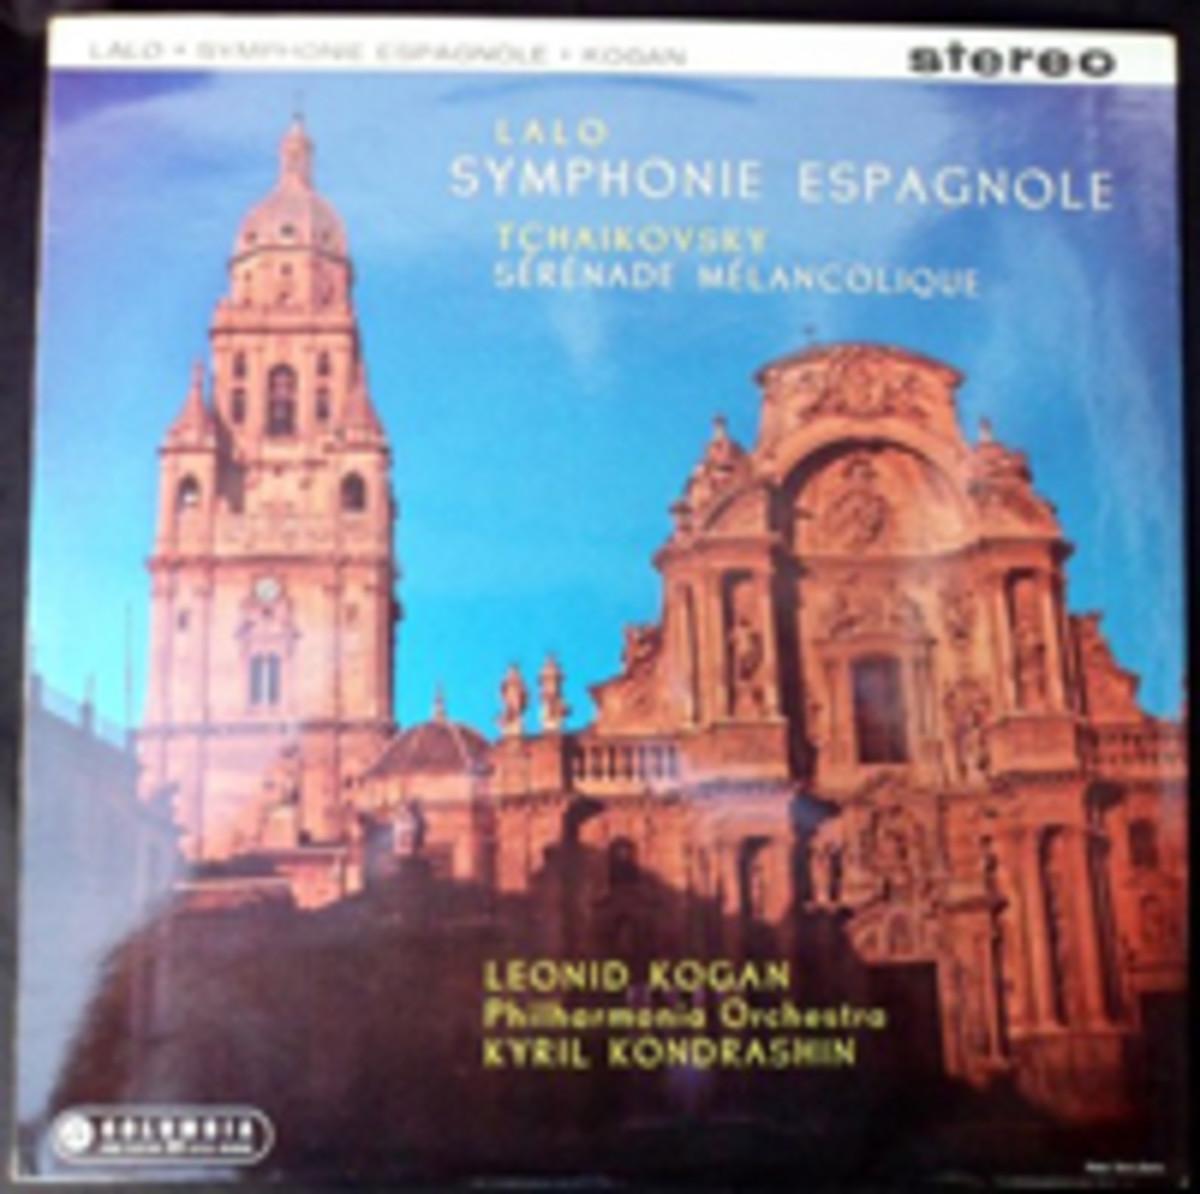 Leonid Kogan Symphonie Espagnole and Serenade Melancolique